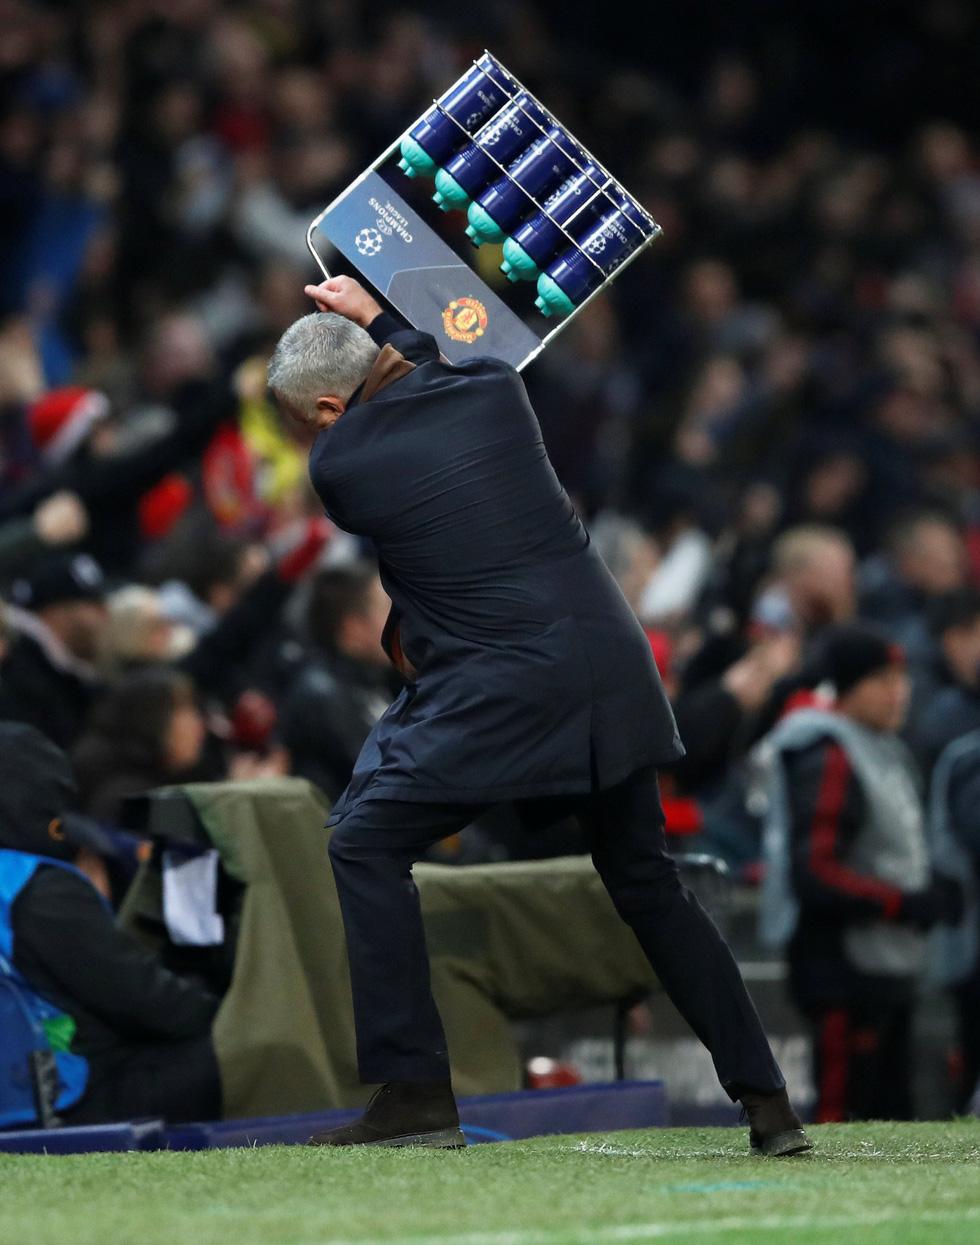 HLV Mourinho ăn mừng như 'điên' sau bàn thắng của Fellaini - Ảnh 5.